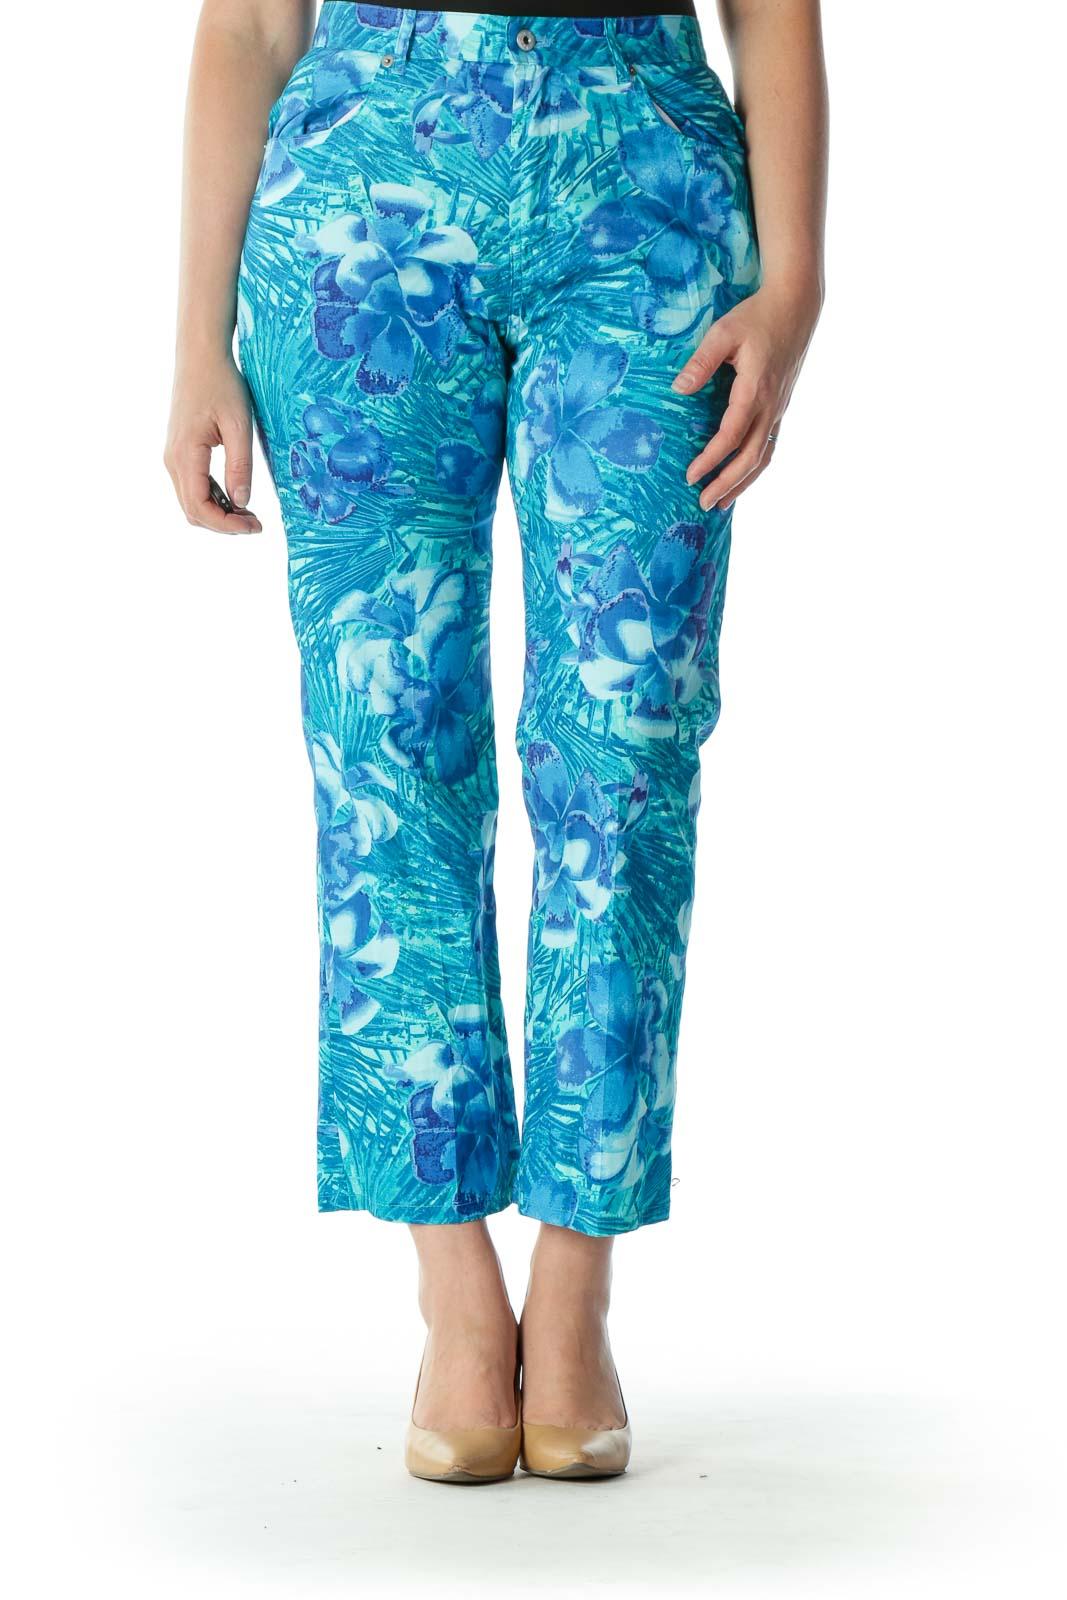 Blue Floral Print Ankle Cut Pant  Front